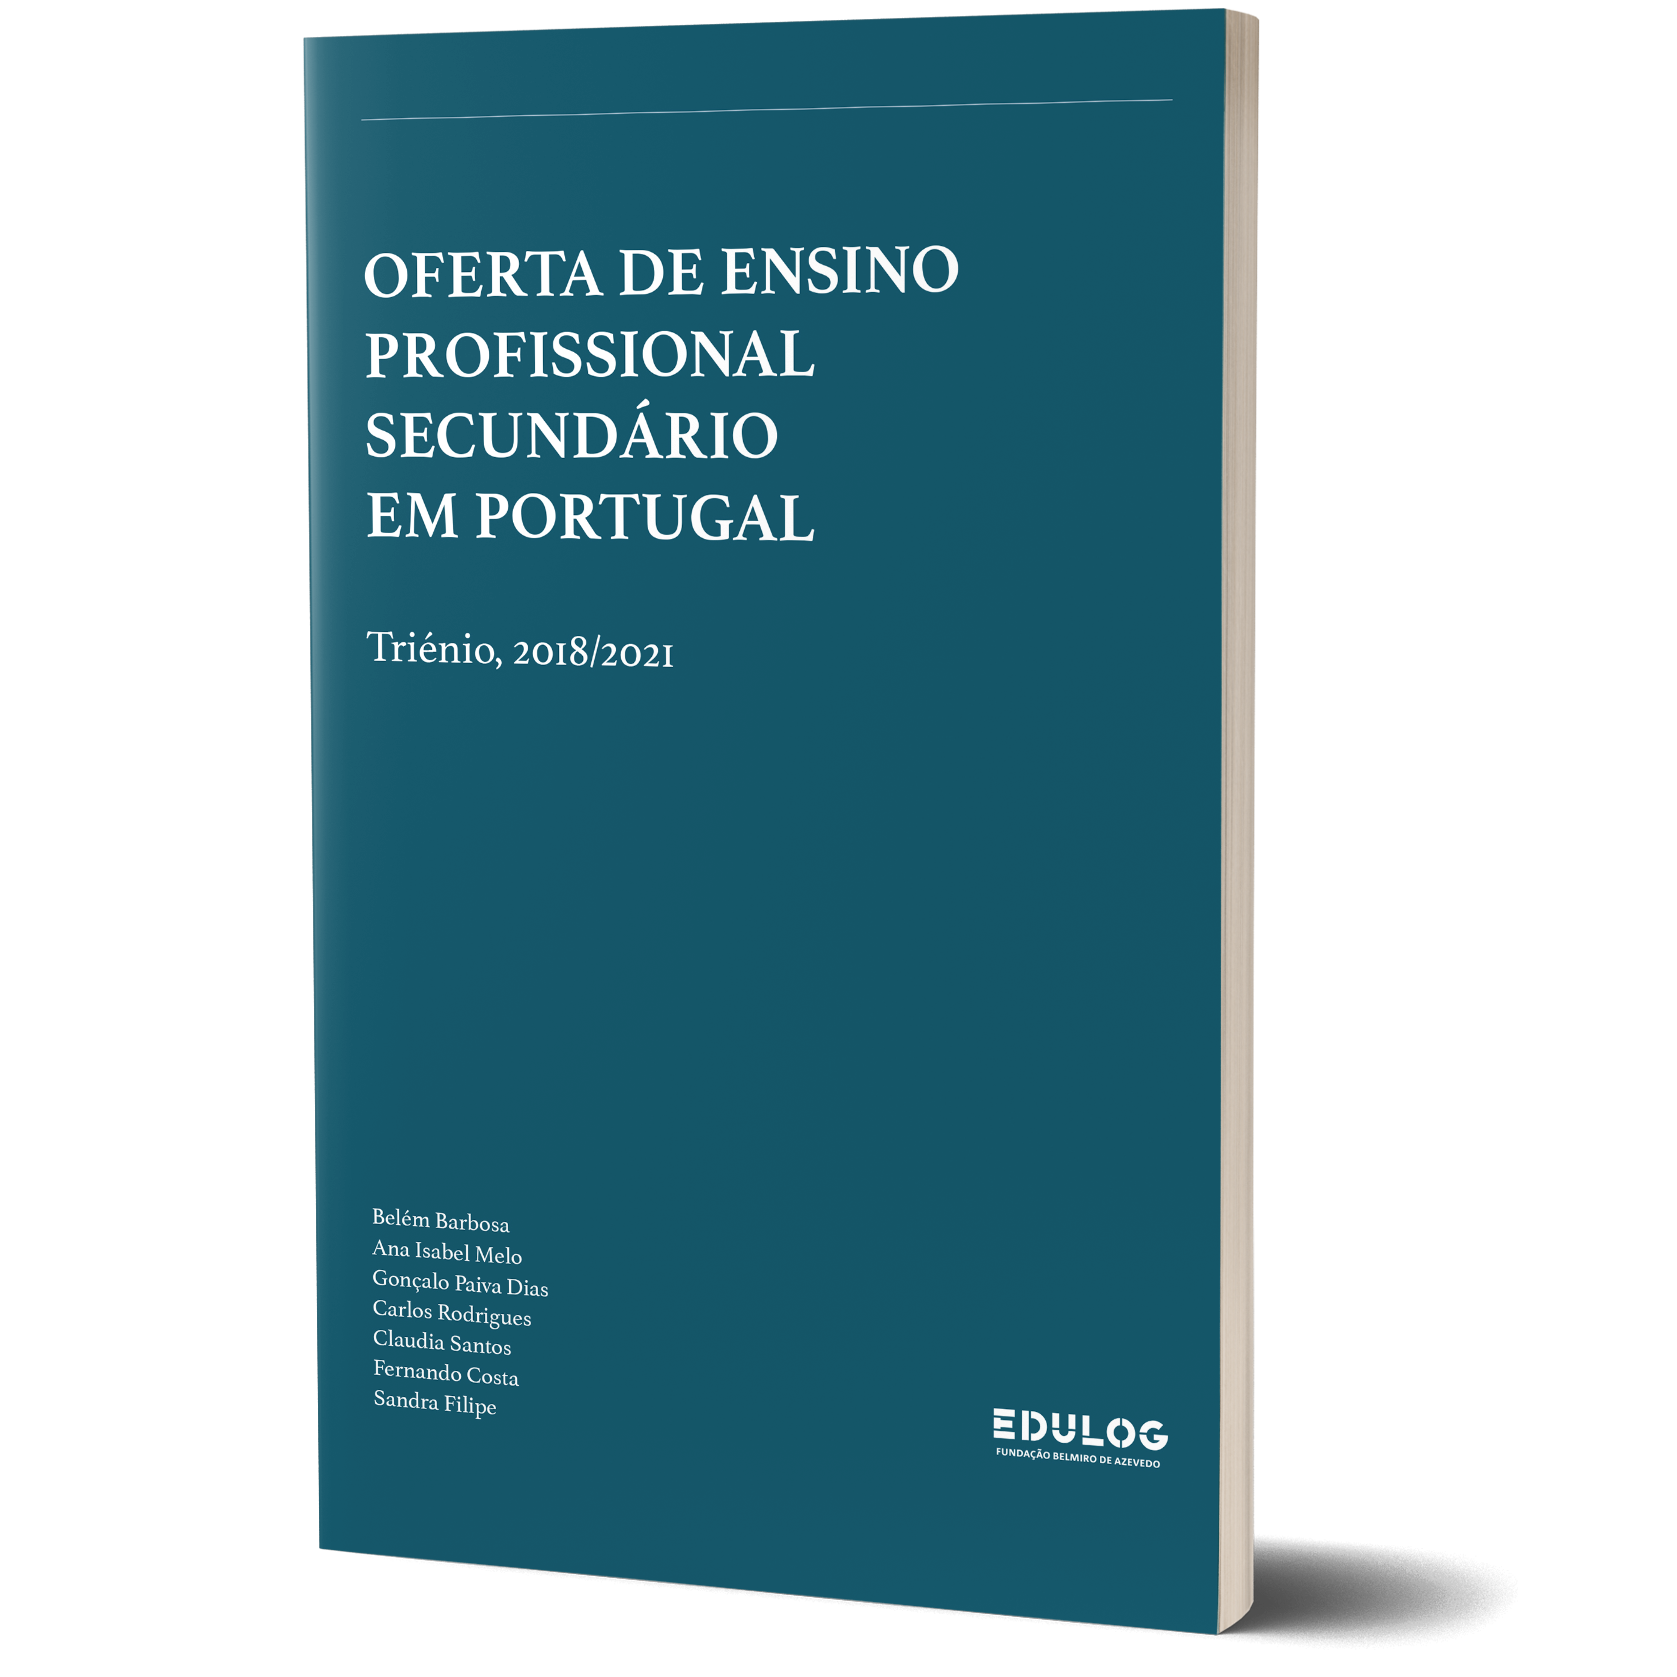 Oferta de Ensino Profissional Secundário em Portugal